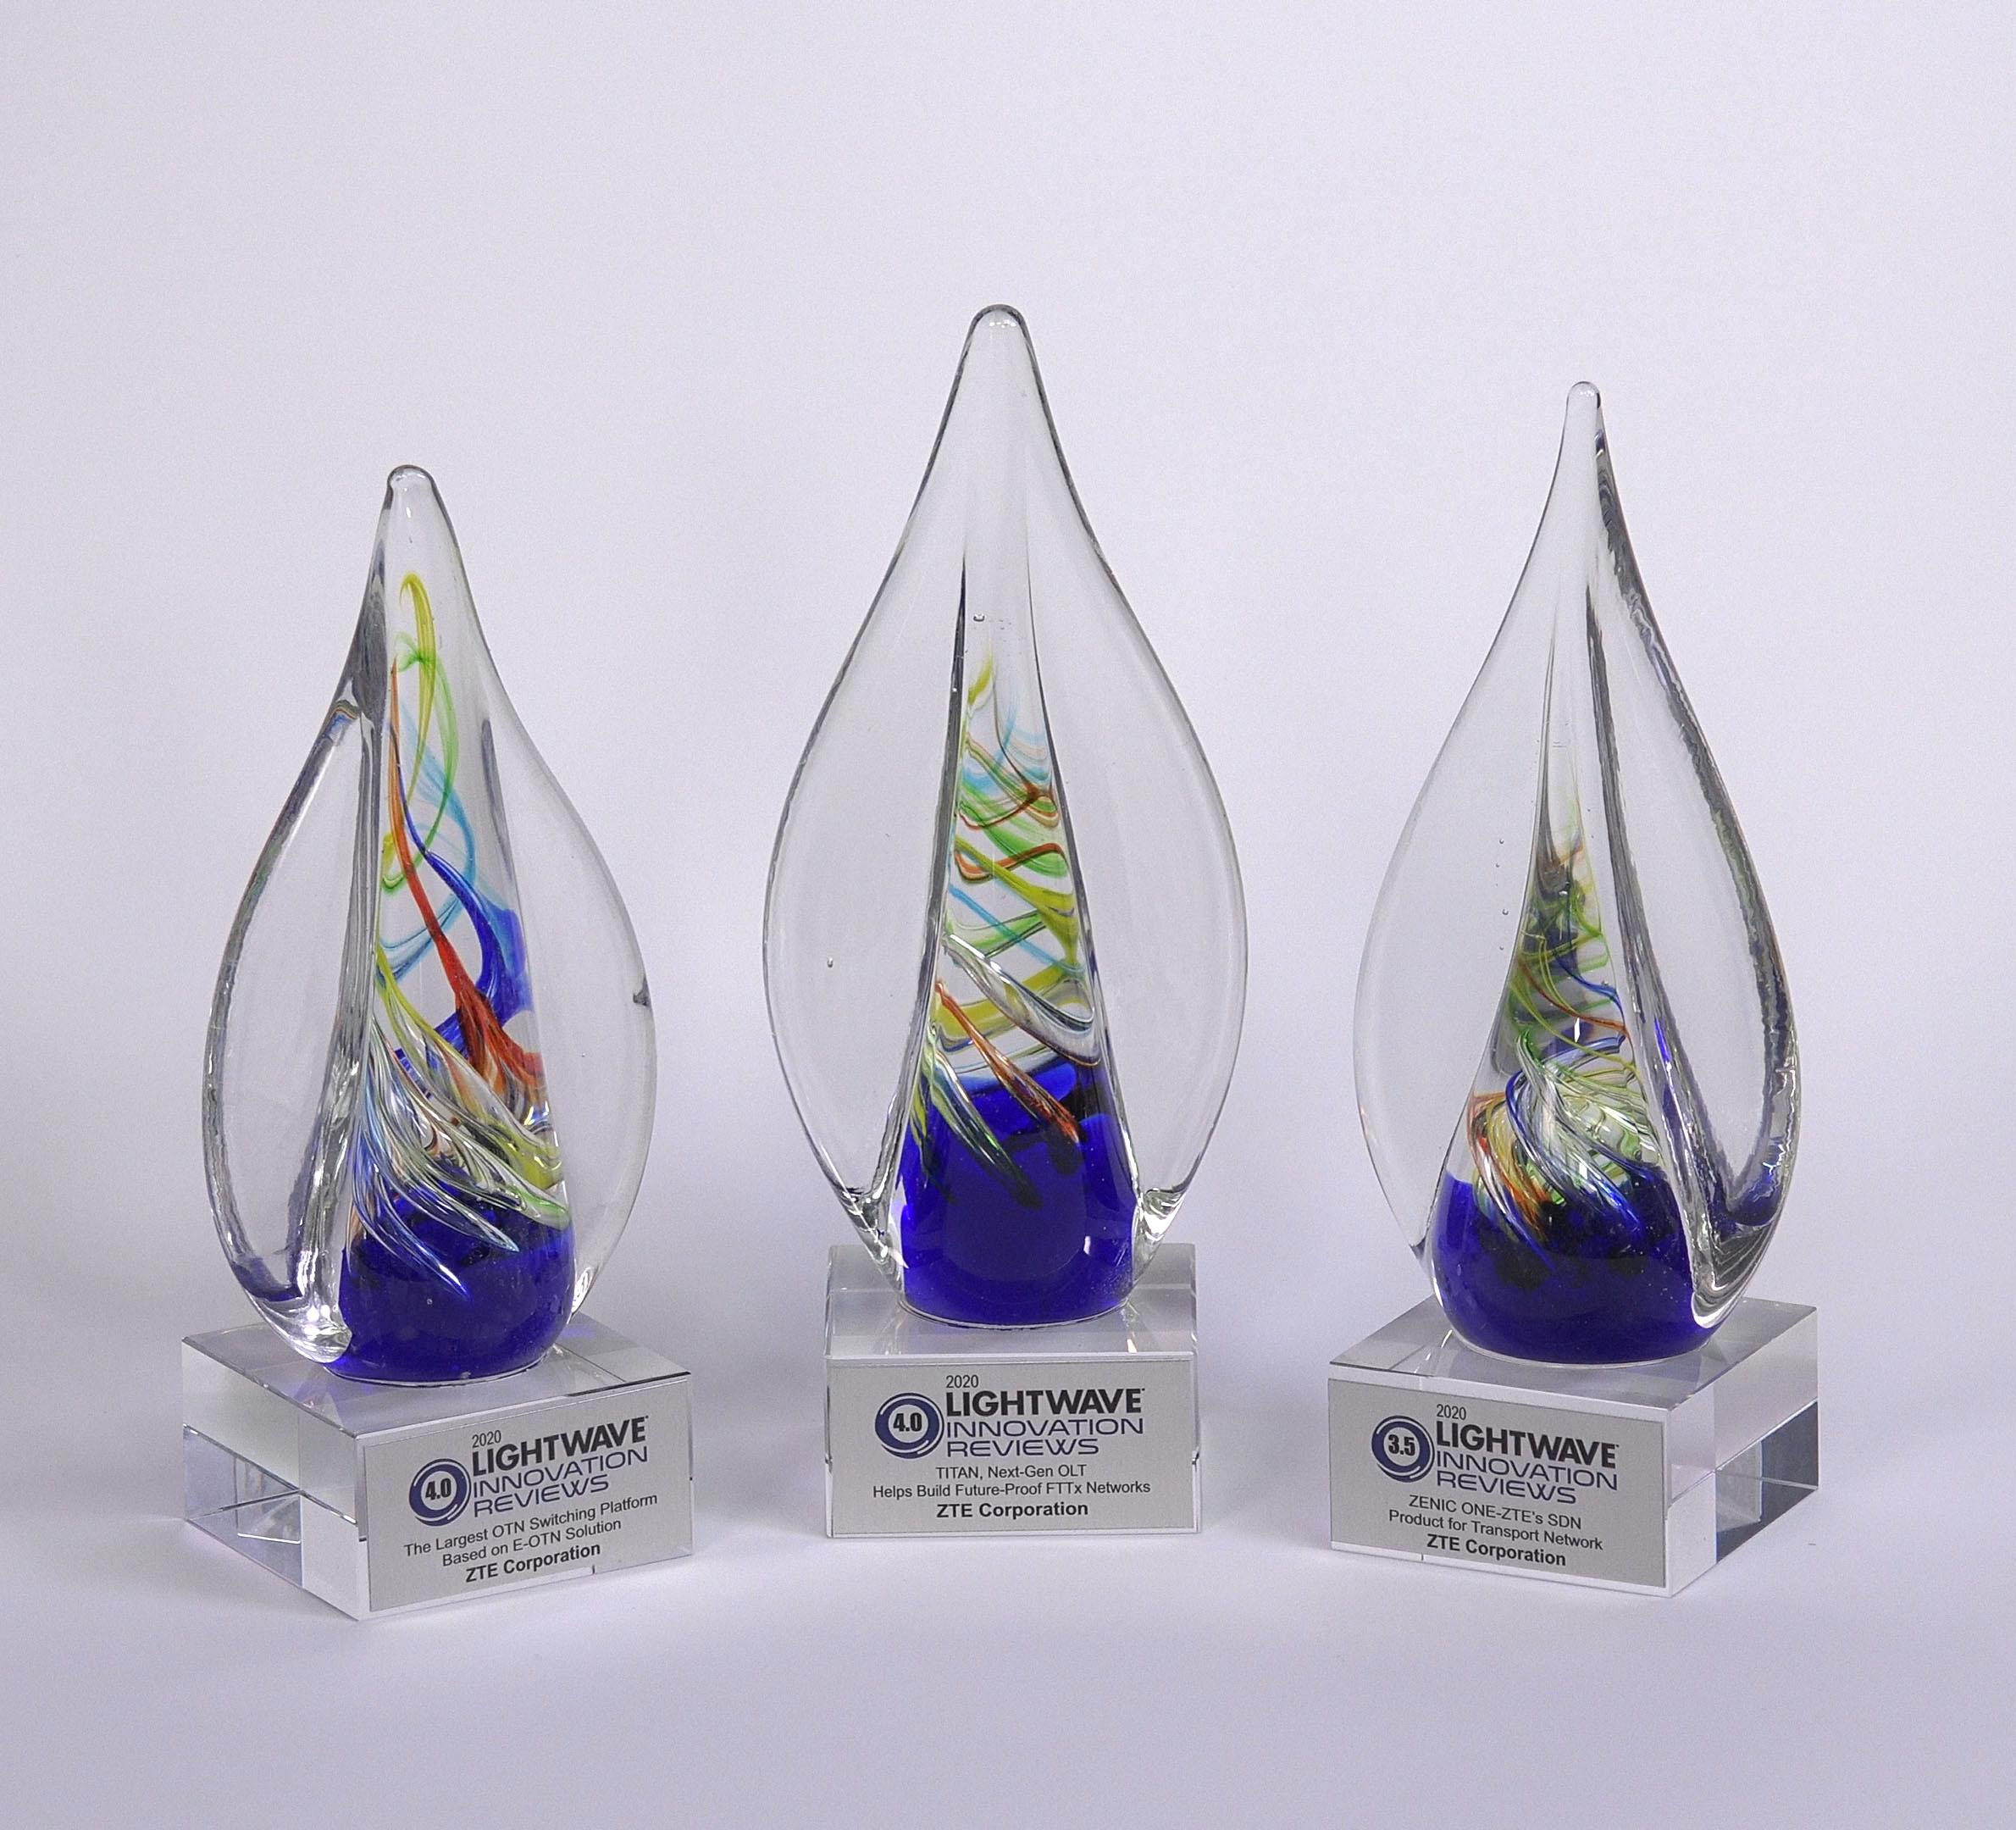 中兴通讯光通信方案在OFC 2020荣获三项创新大奖